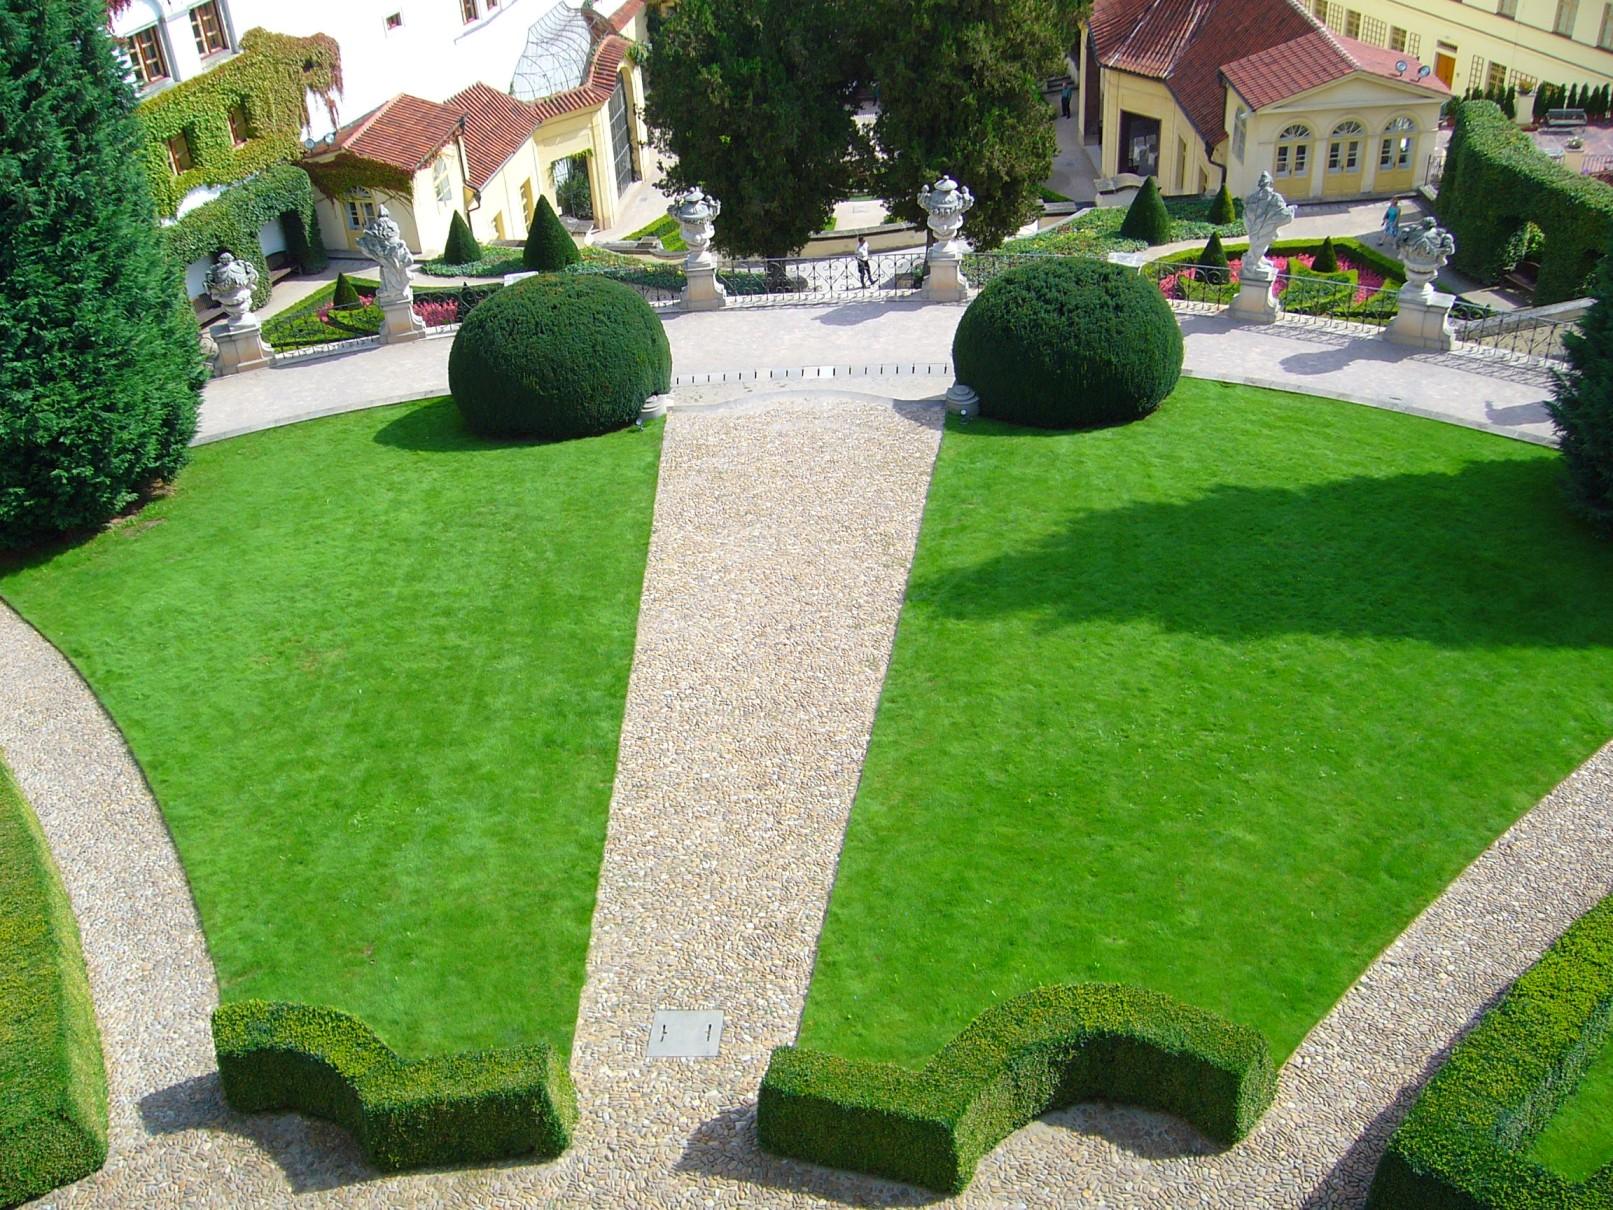 Vrtbovská zahrada - cesty a trávníky